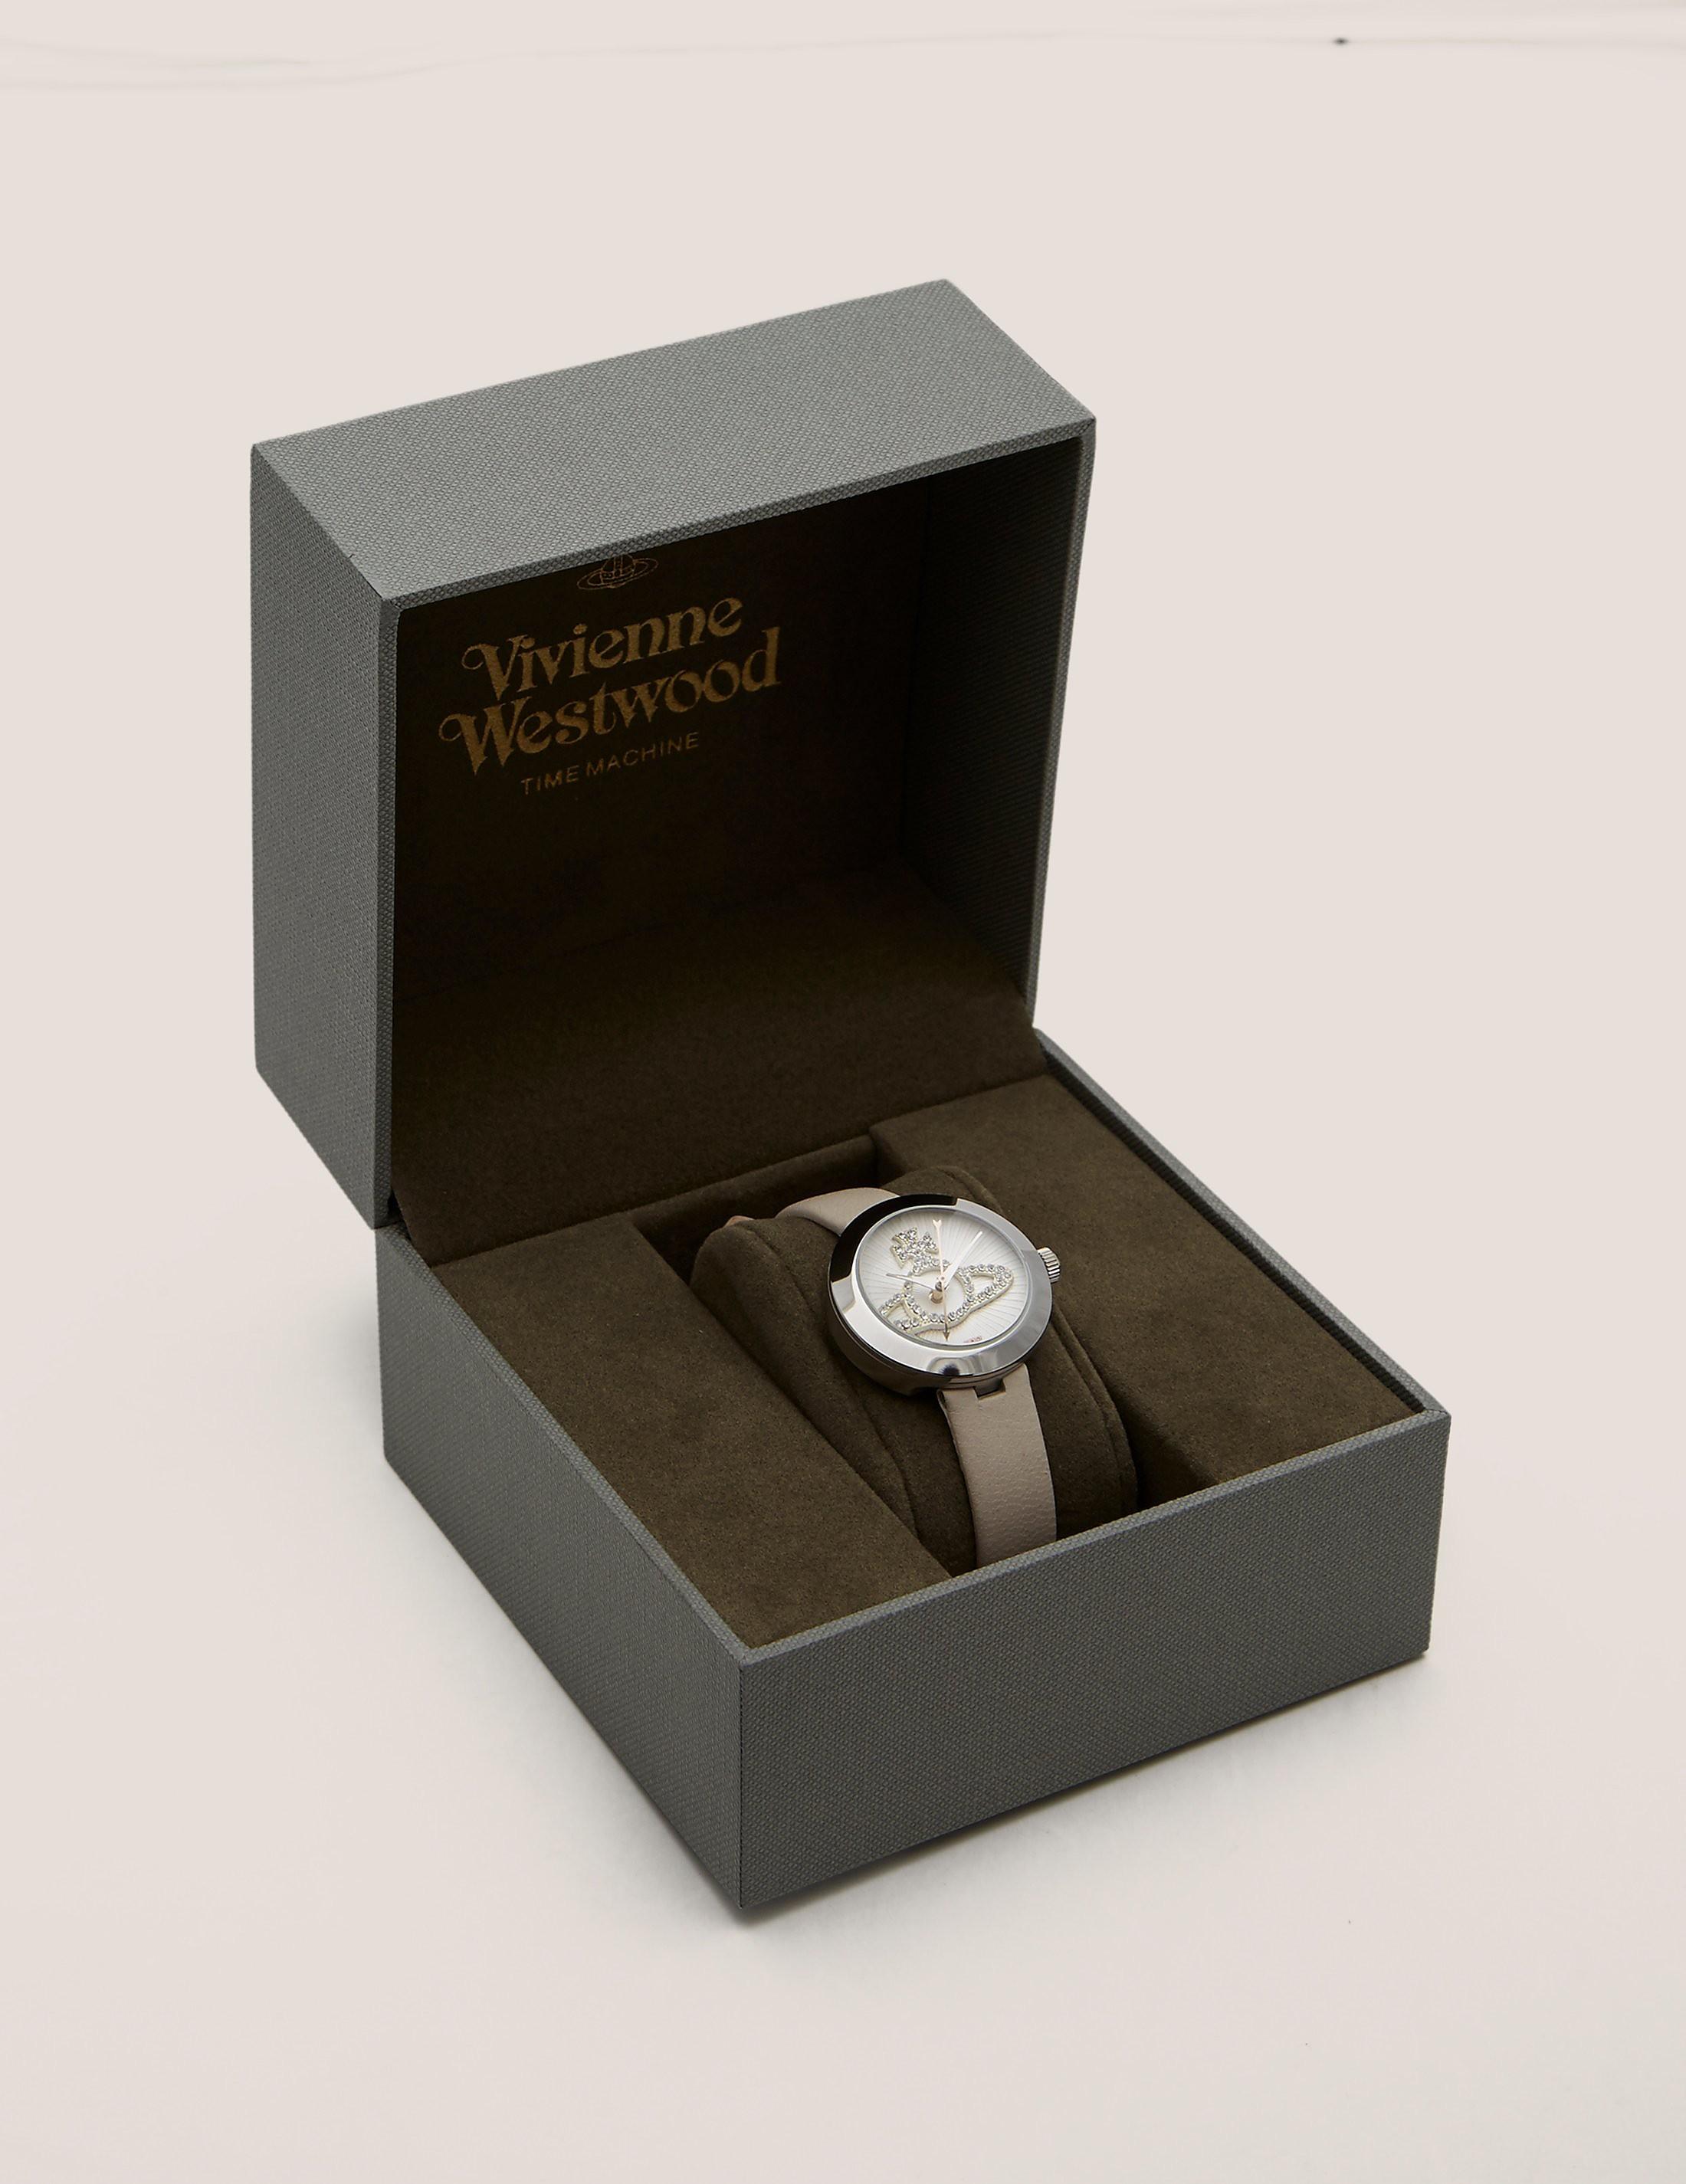 Vivienne Westwood Queensgate Watch